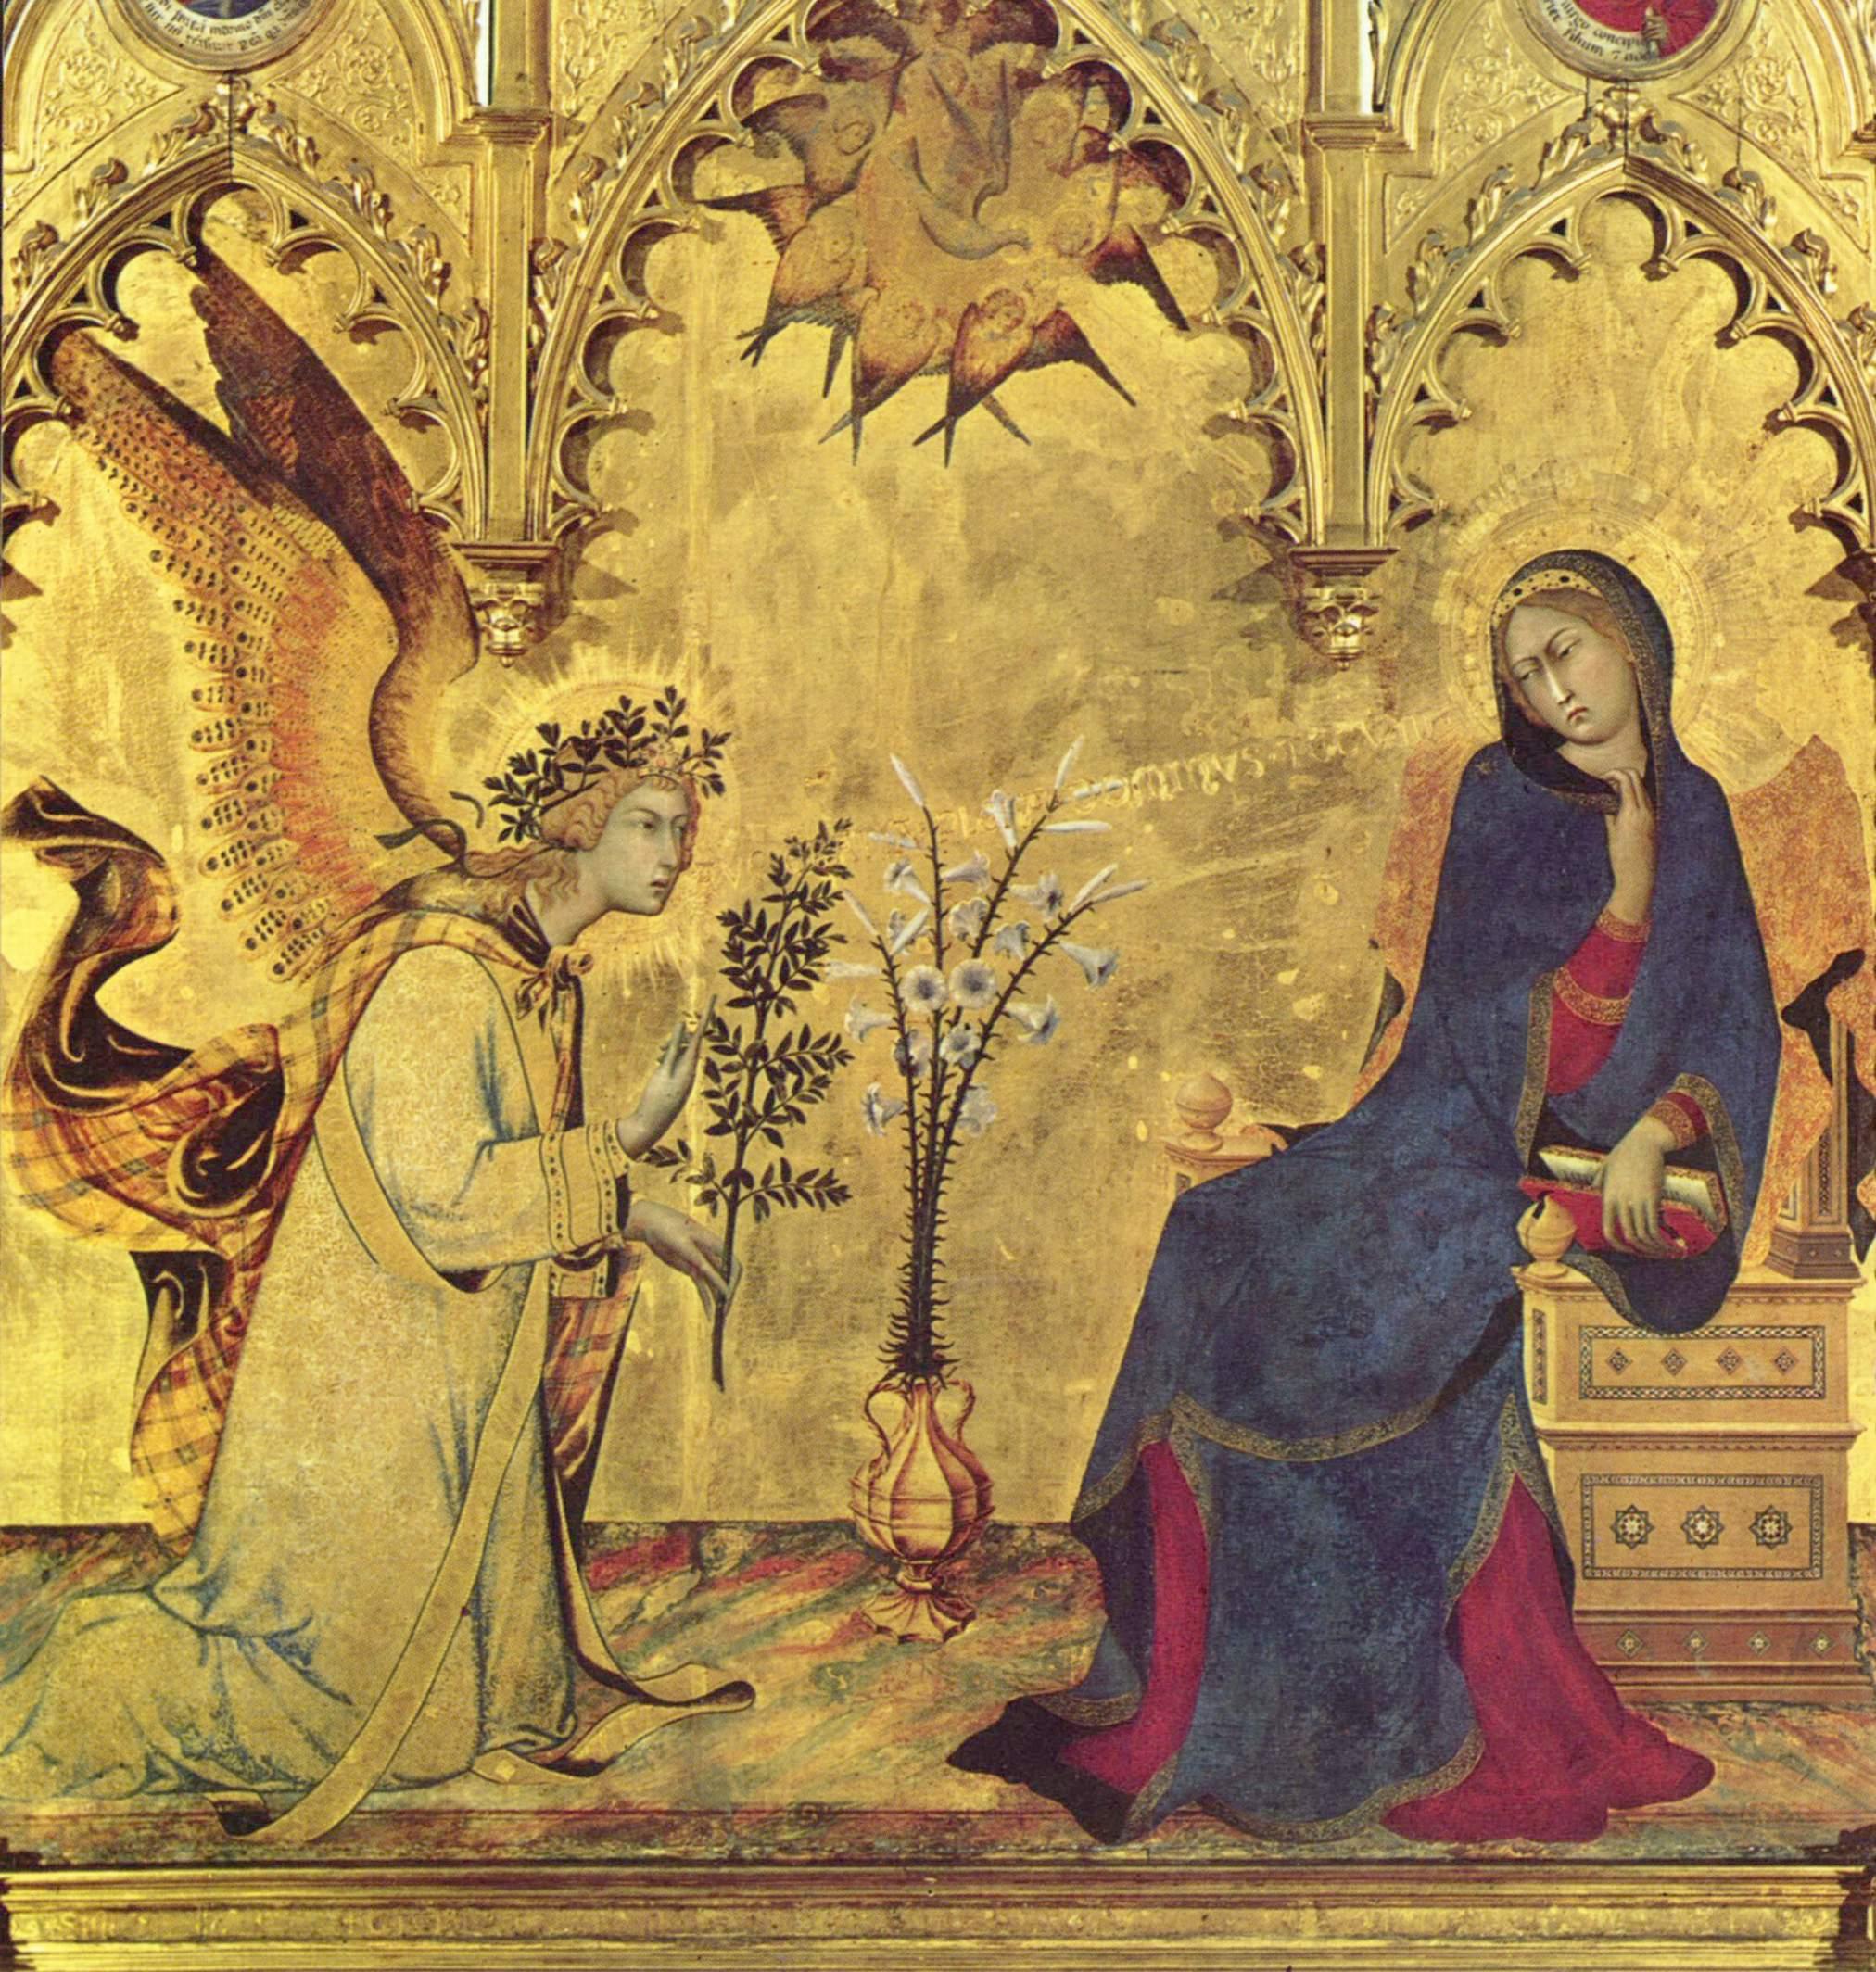 La Encarnación de Jesús: Anunciación del Ángel a María, Fiesta Universal (25 de marzo)